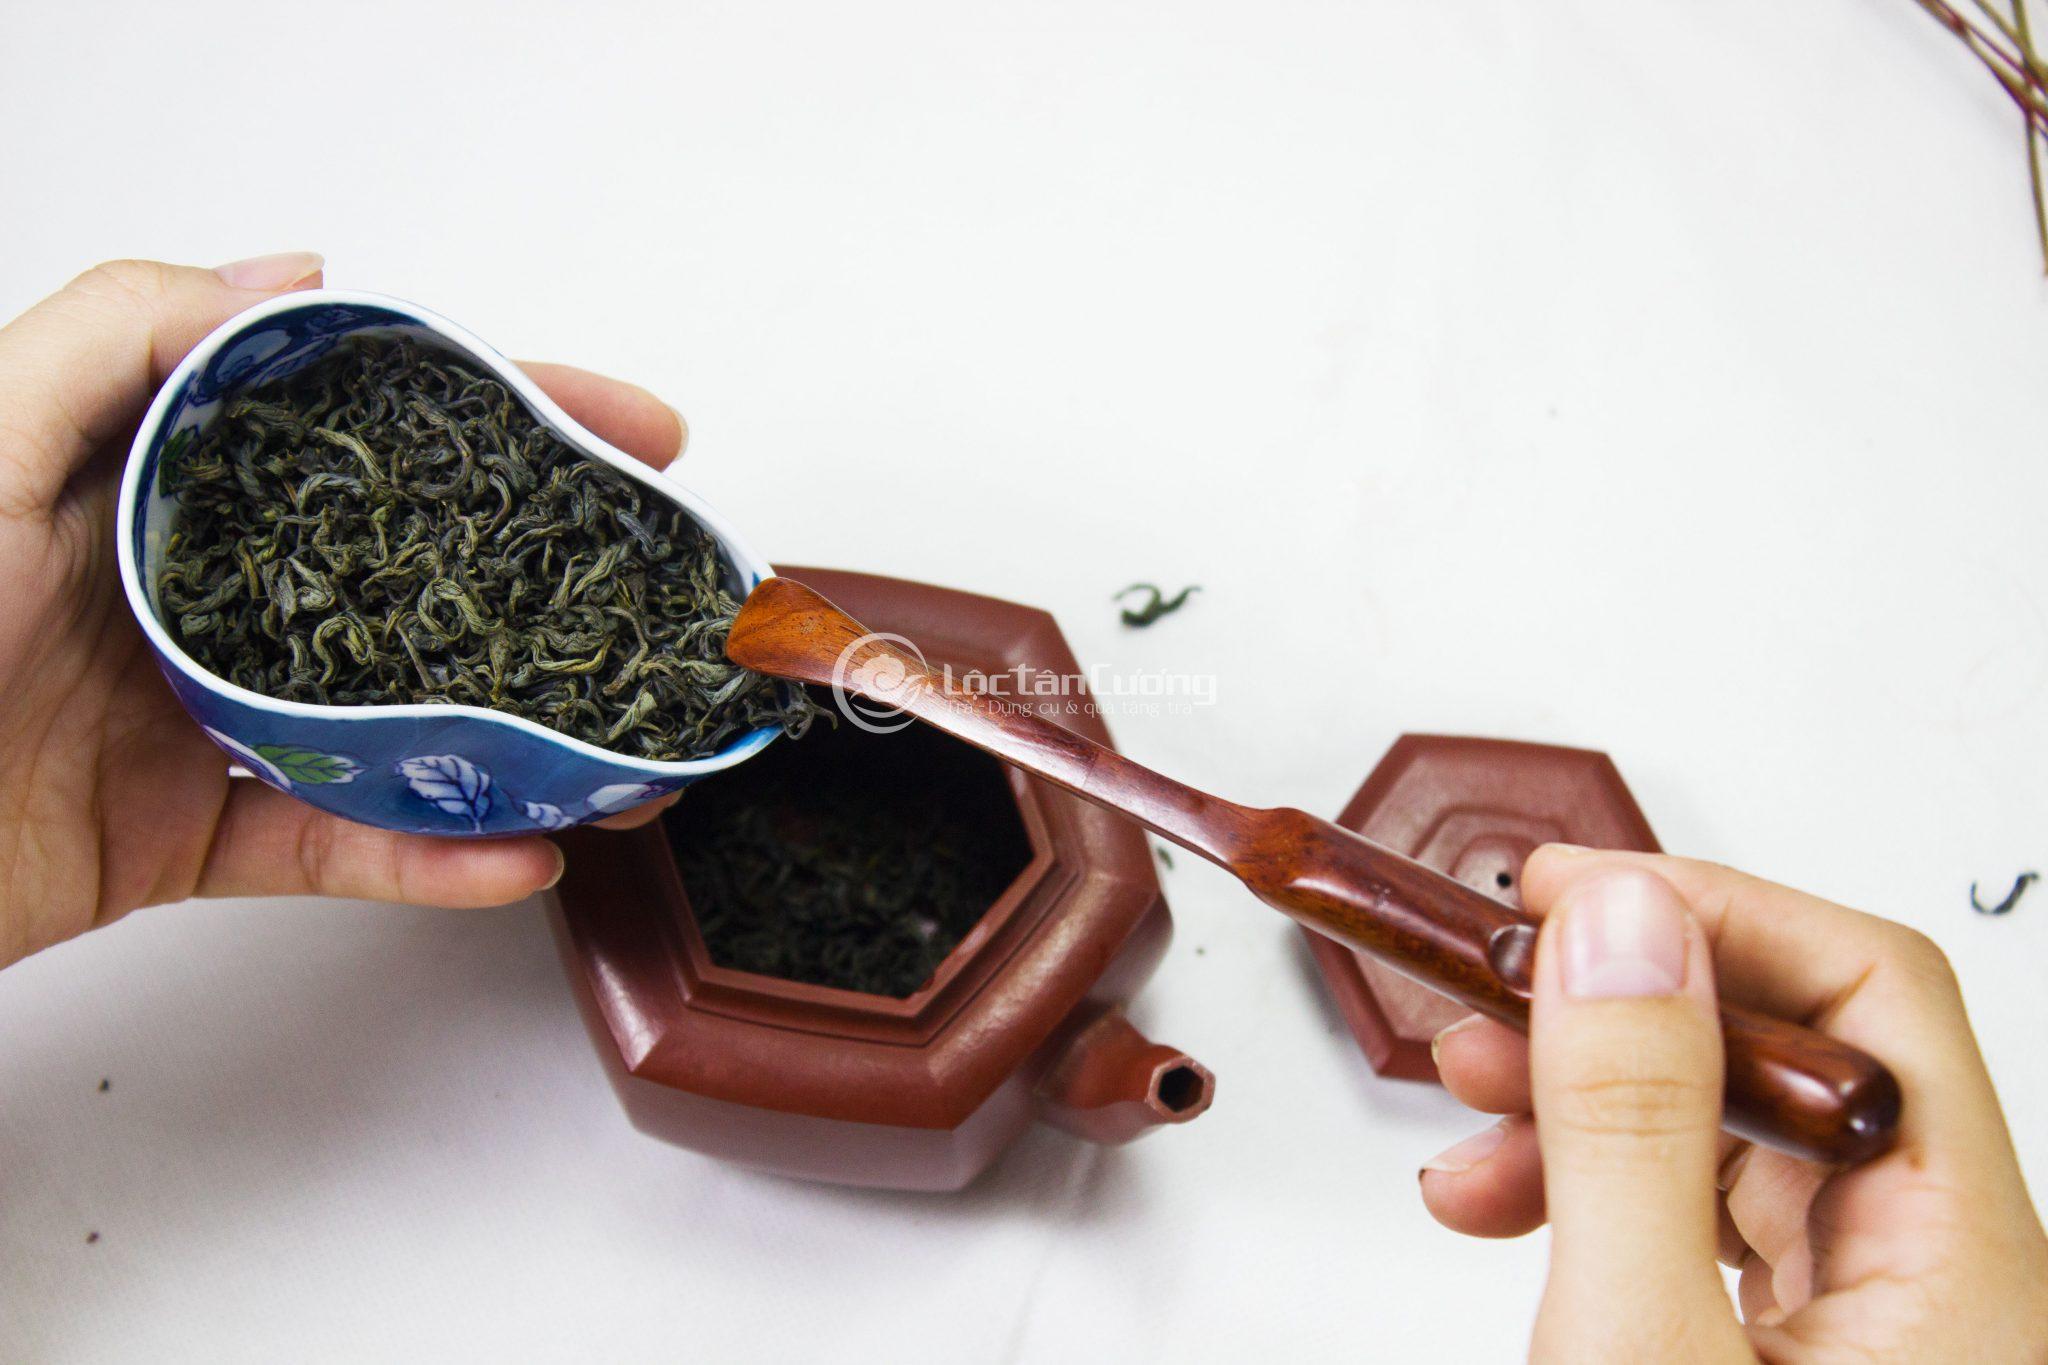 Hướng dẫn pha trà búp tân cương thái nguyên ngon đúng chuẩn người sành trà